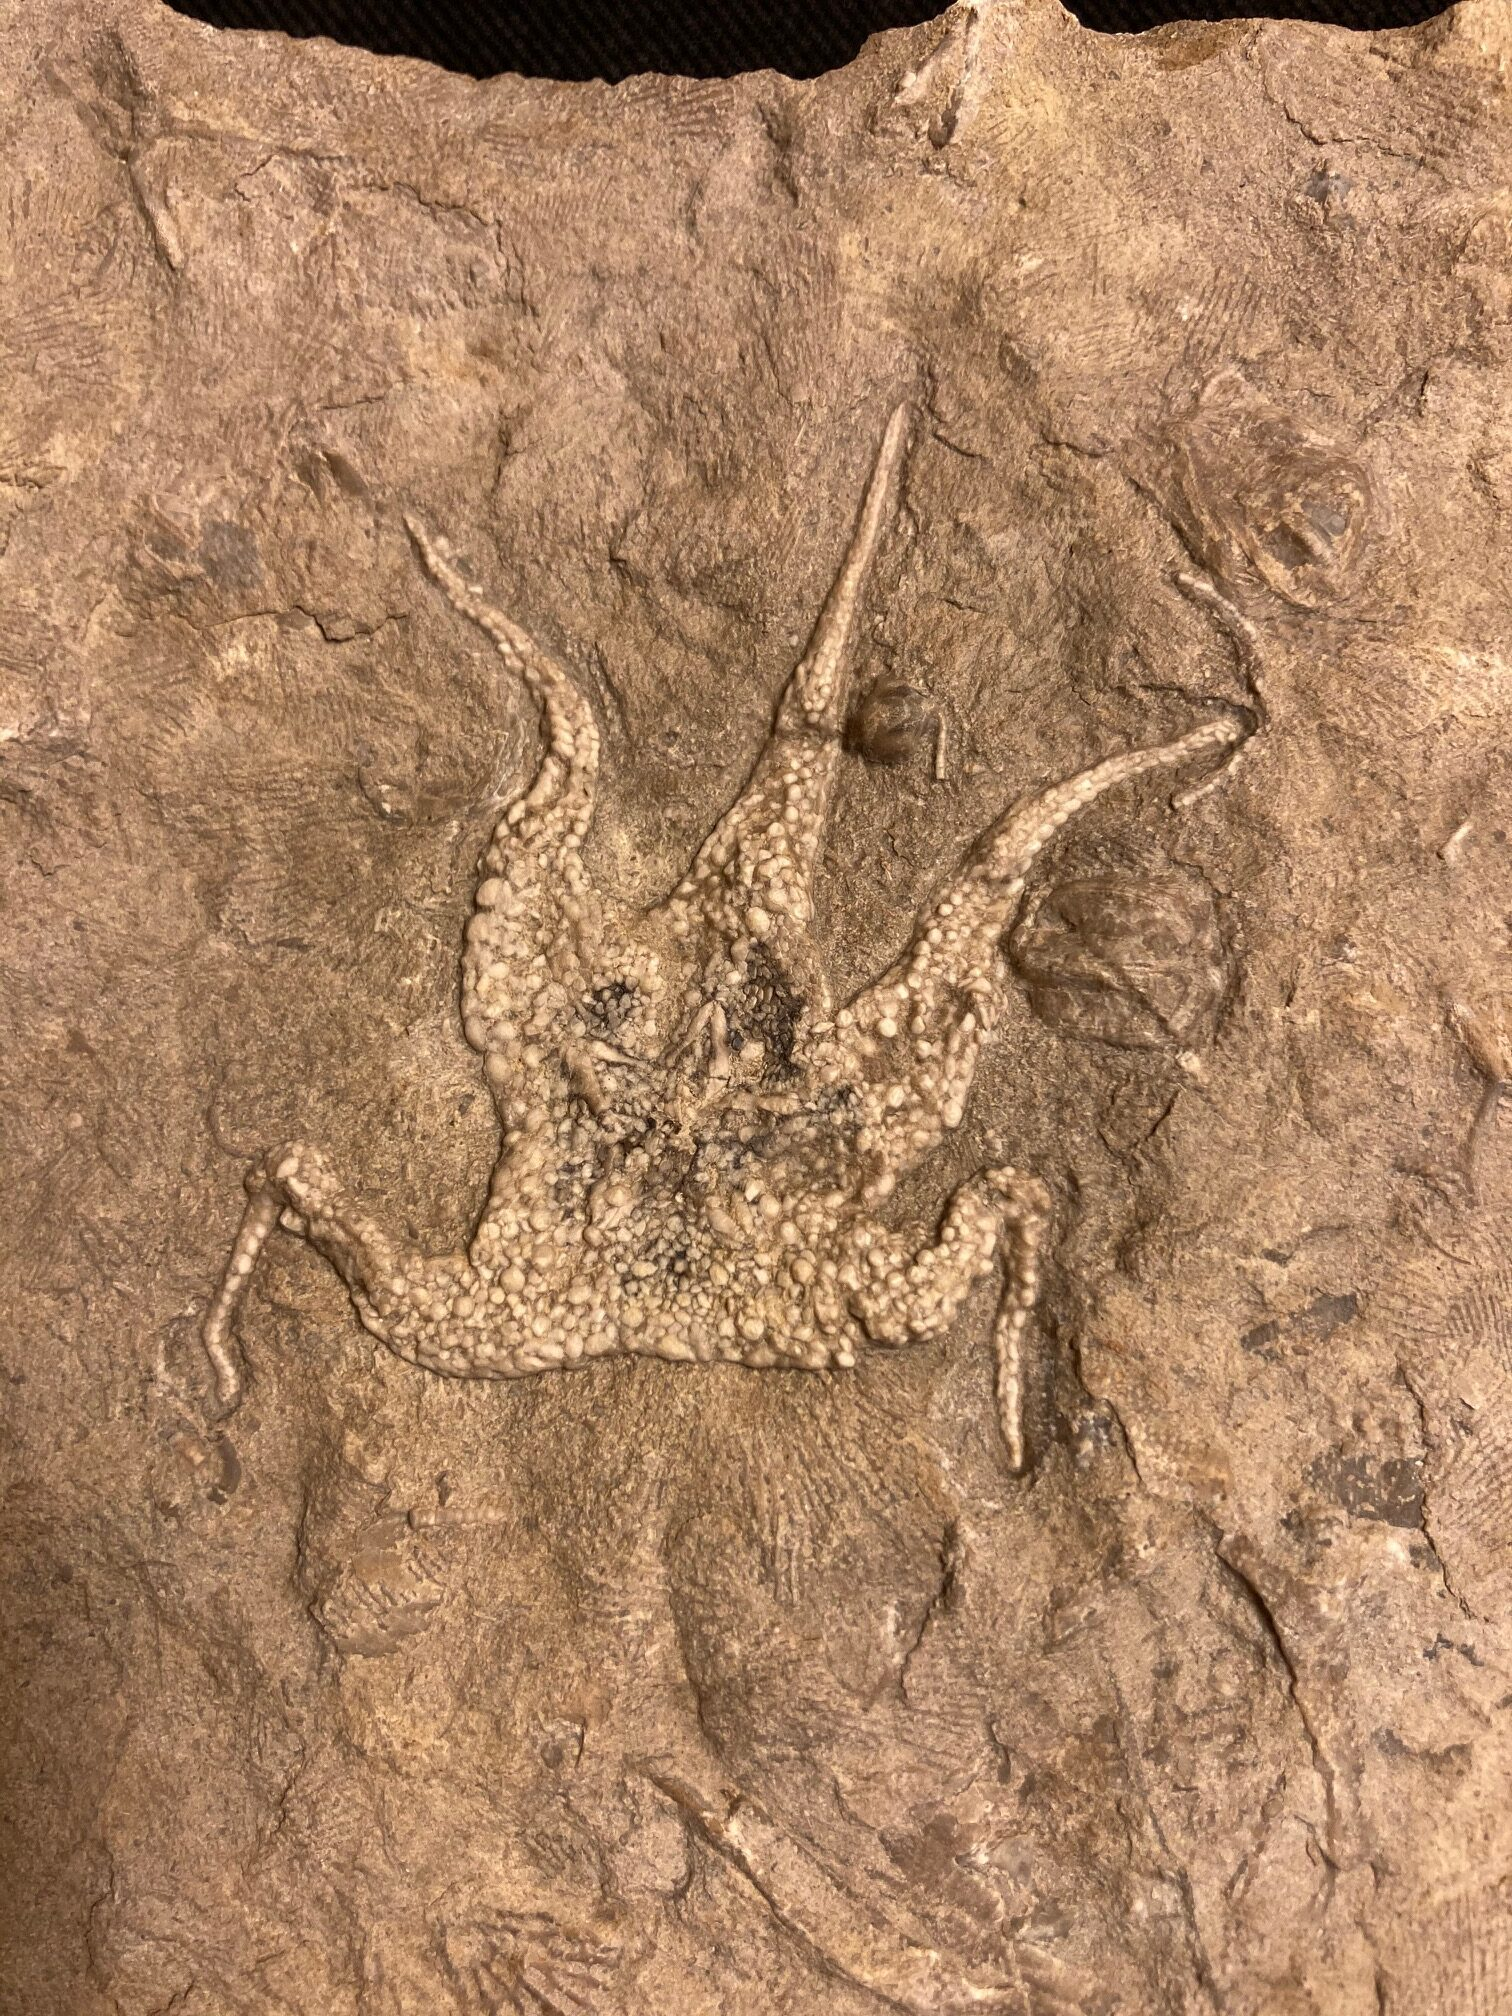 Mississippian starfish